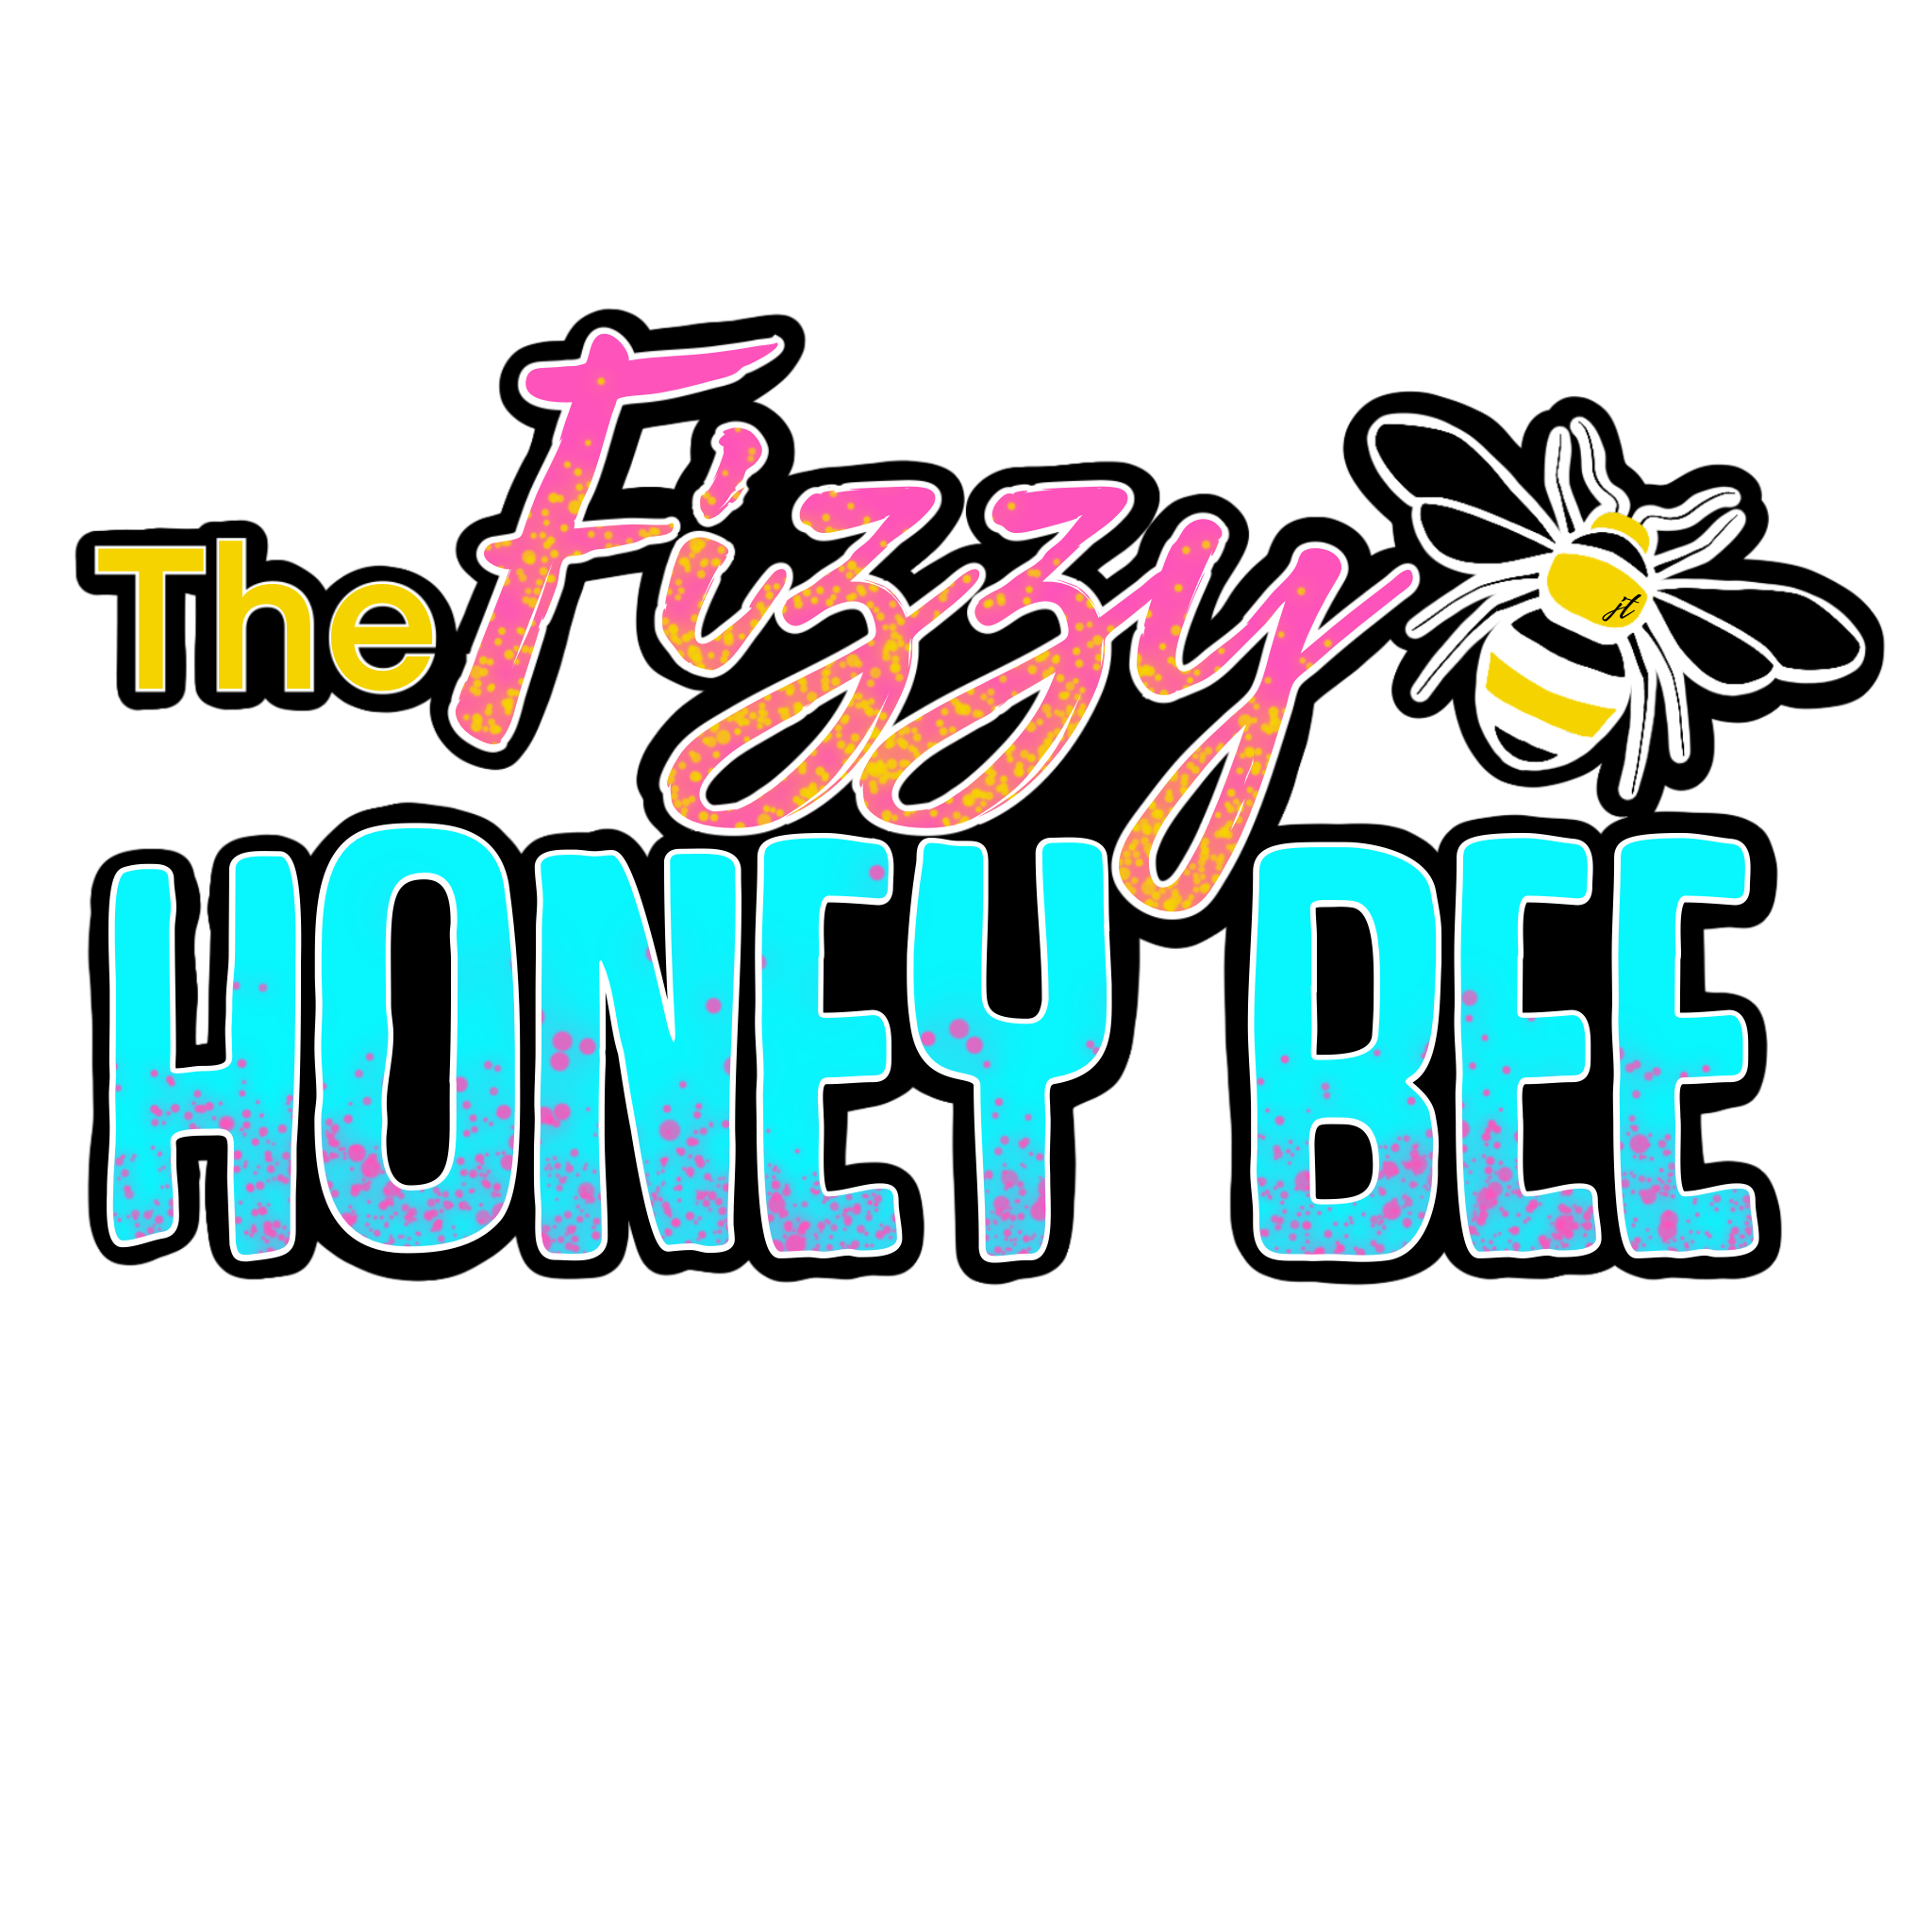 The Fizzy Honey Bee